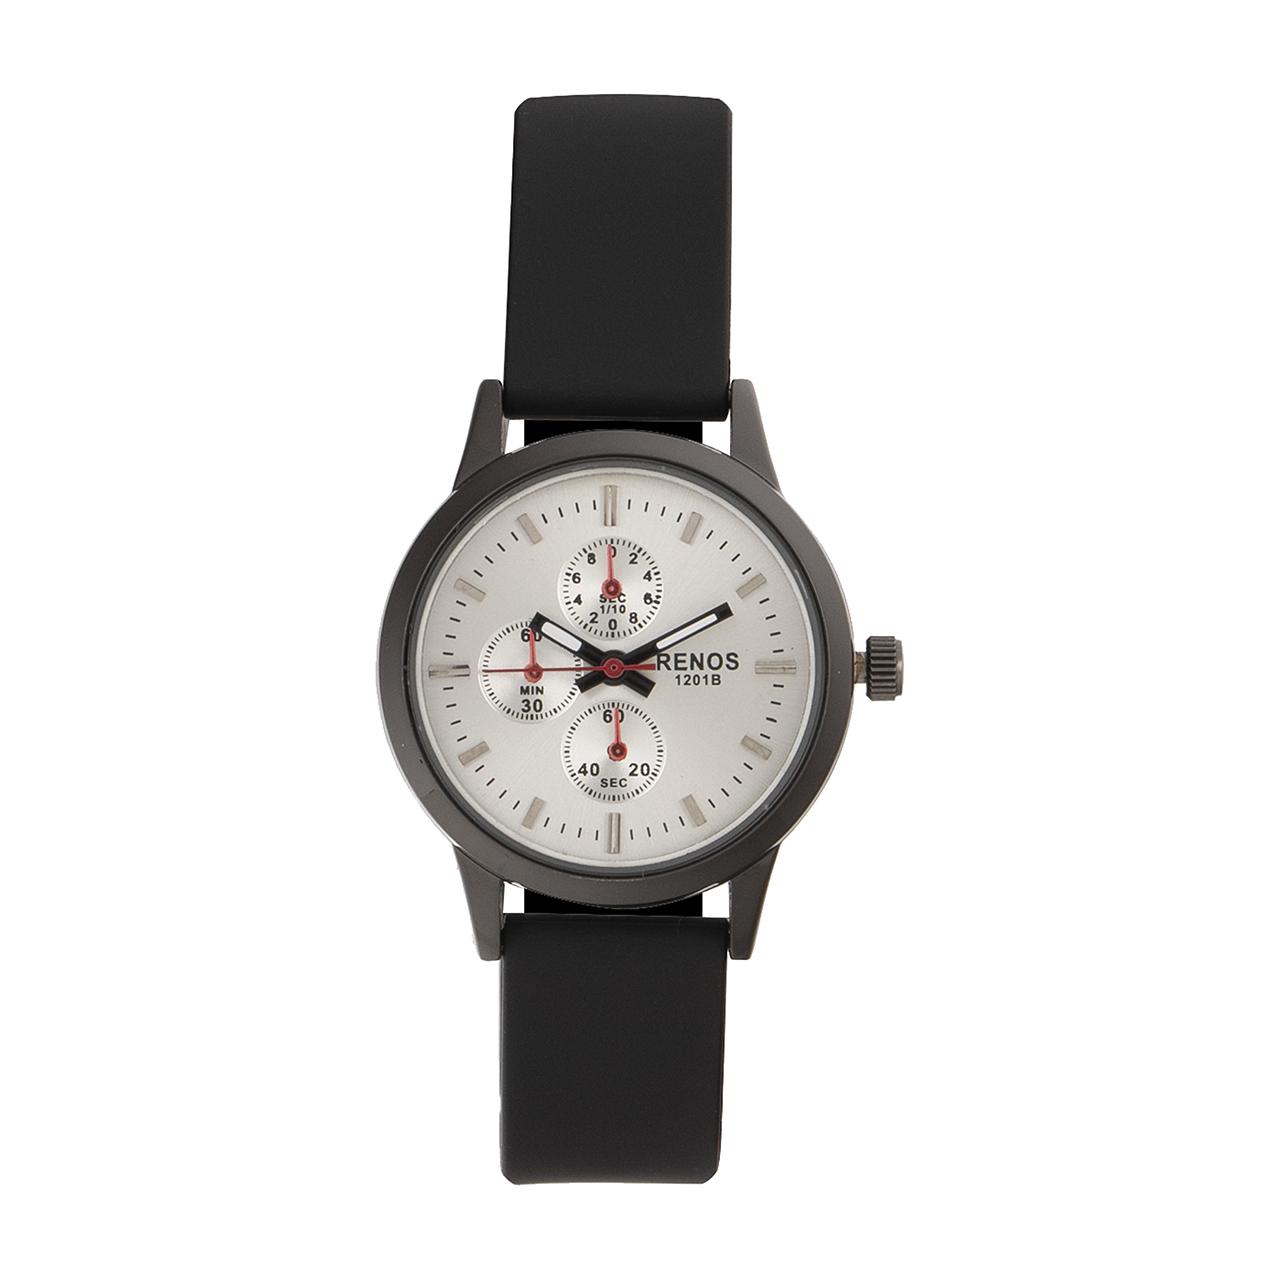 خرید ساعت مچی عقربه ای زنانه رنوس مدل 1201